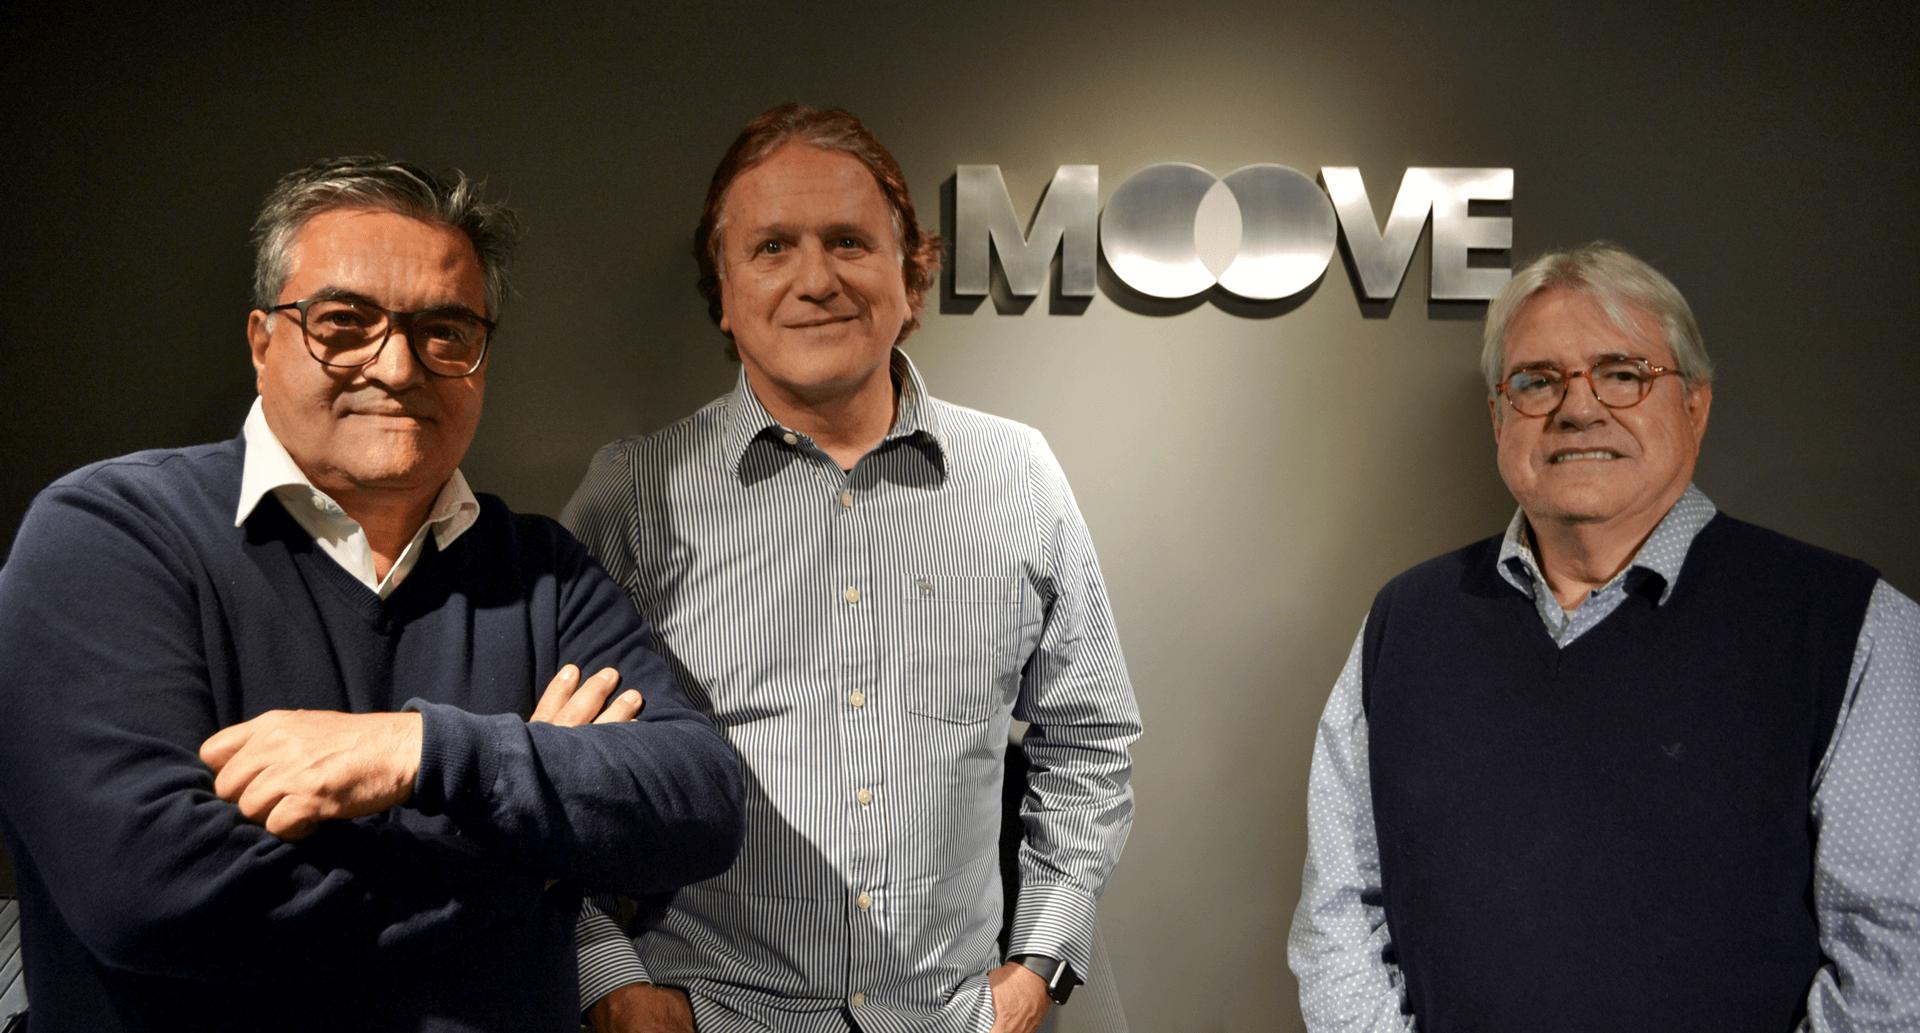 Foto: Os diretores José Luiz Fuscaldo, Alberto Meneghetti e José Antônio Vieira da Cunha. Divulgação/Moove